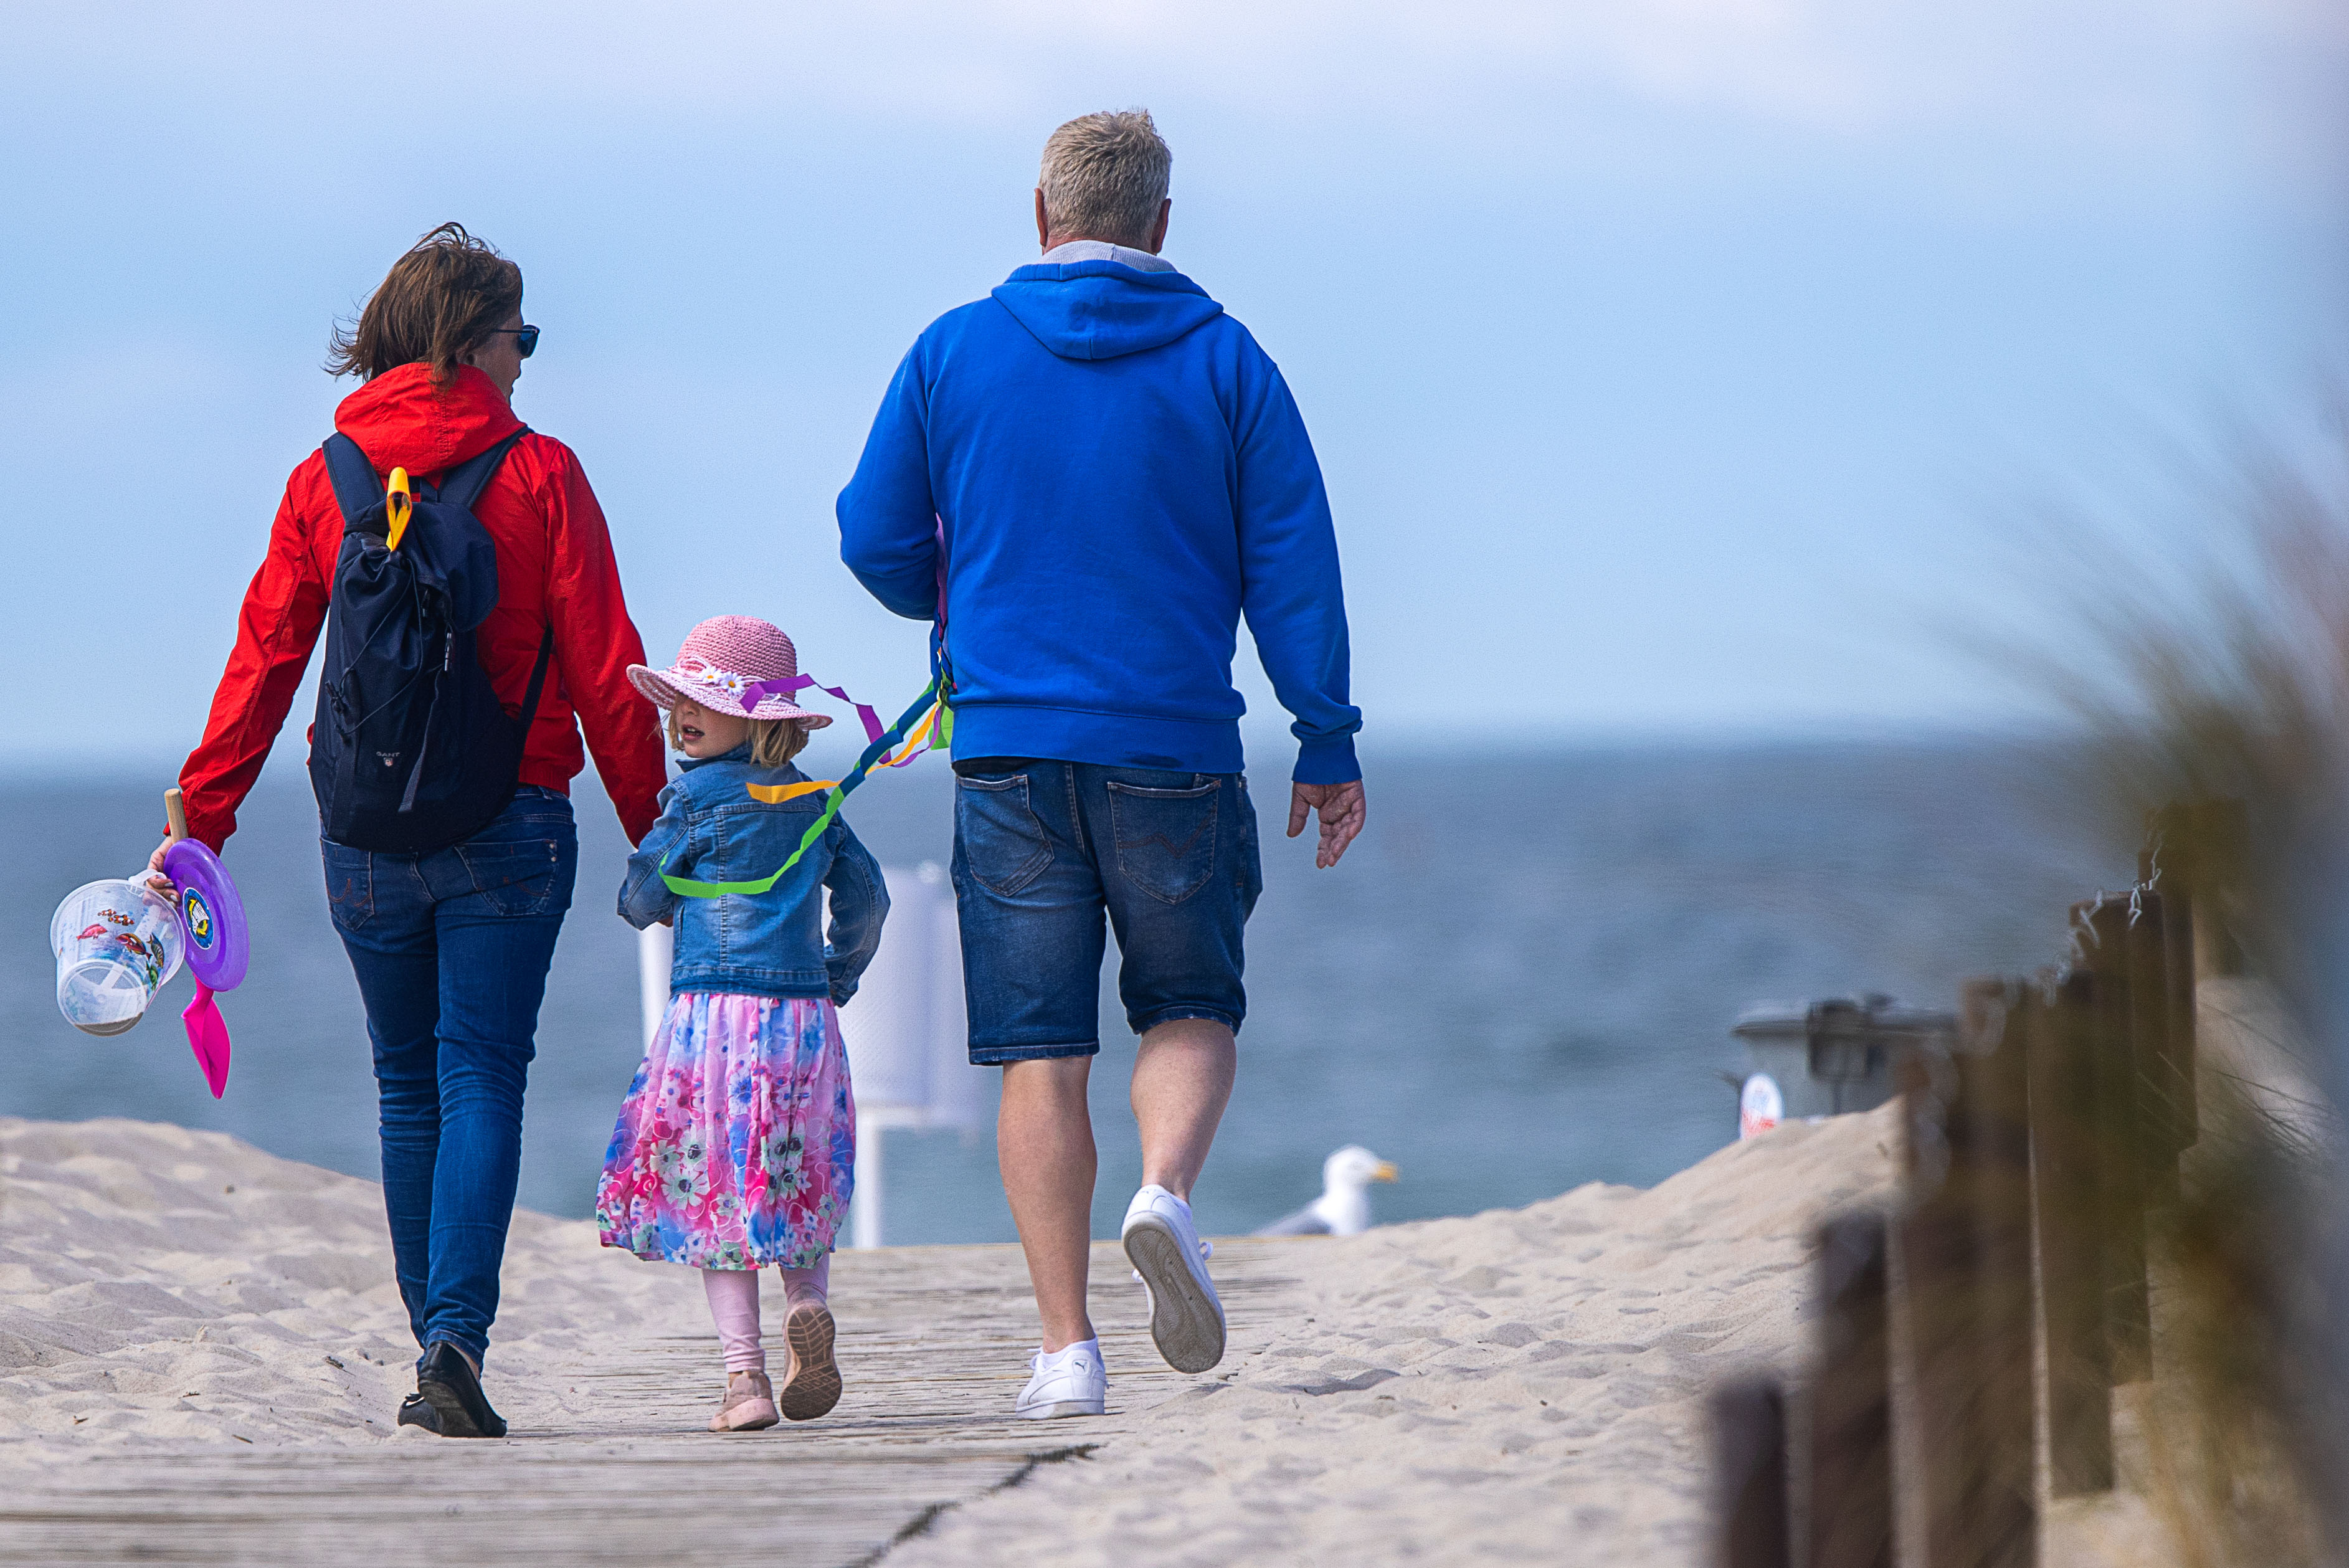 Der Kinderbonus ist eine Hilfe für viele Familien - es gibt allerdings auch Kritik.